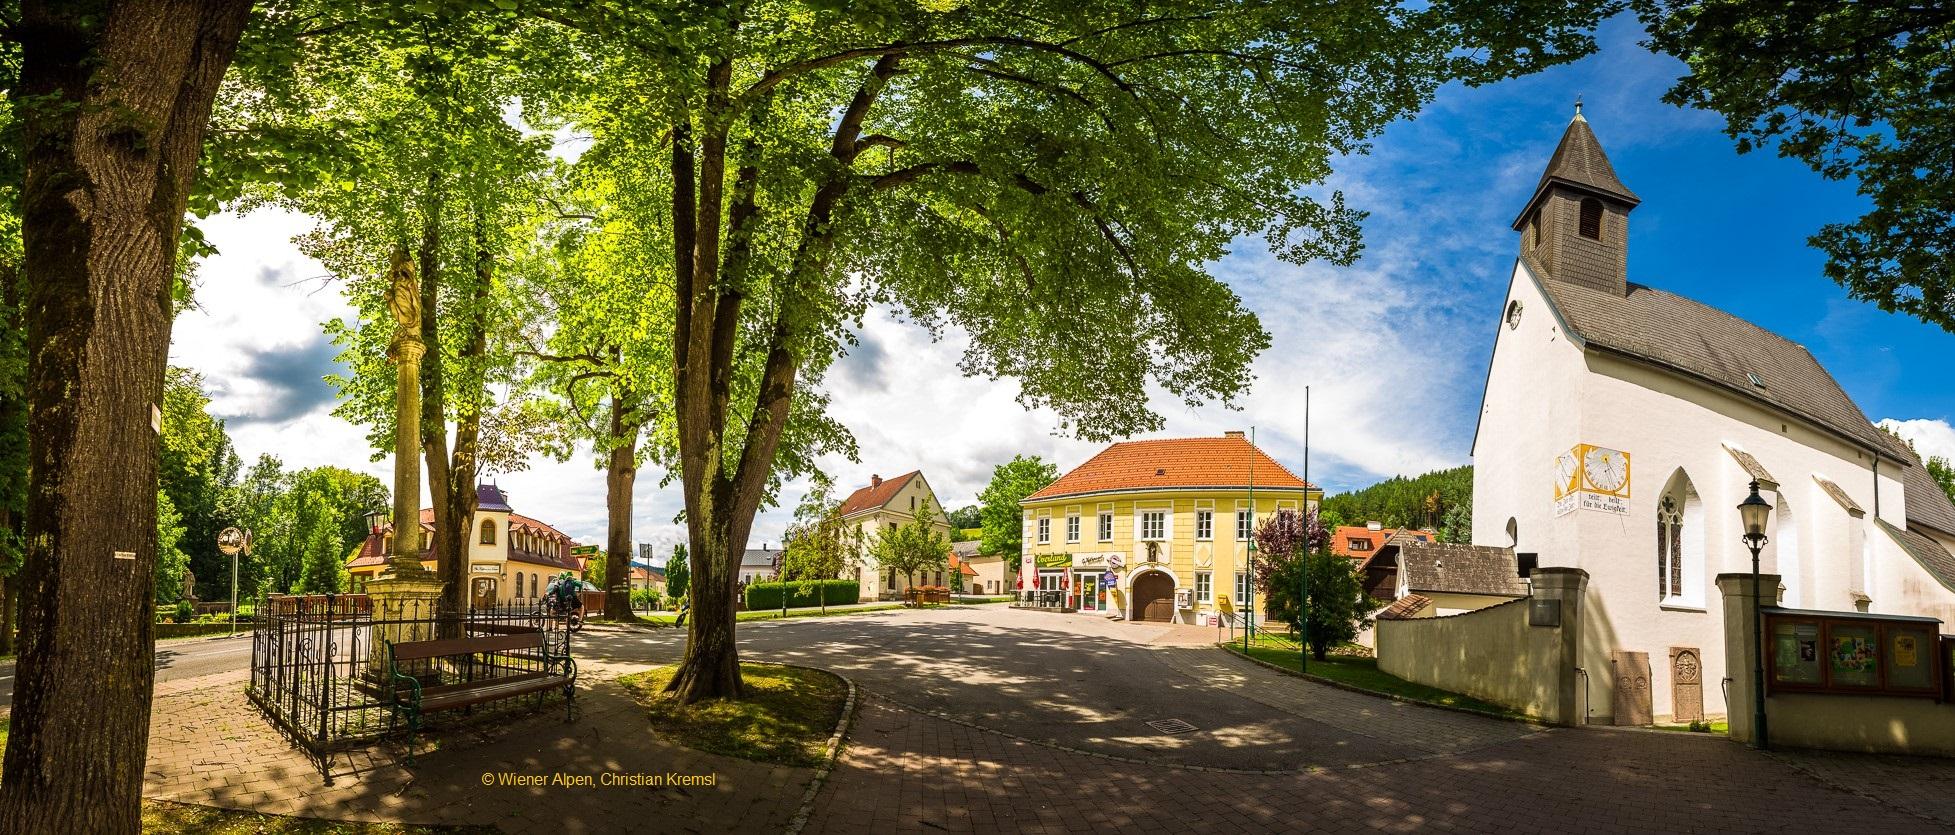 Tourismus- und Dorferneuerungsverein Feistritz am Wechsel